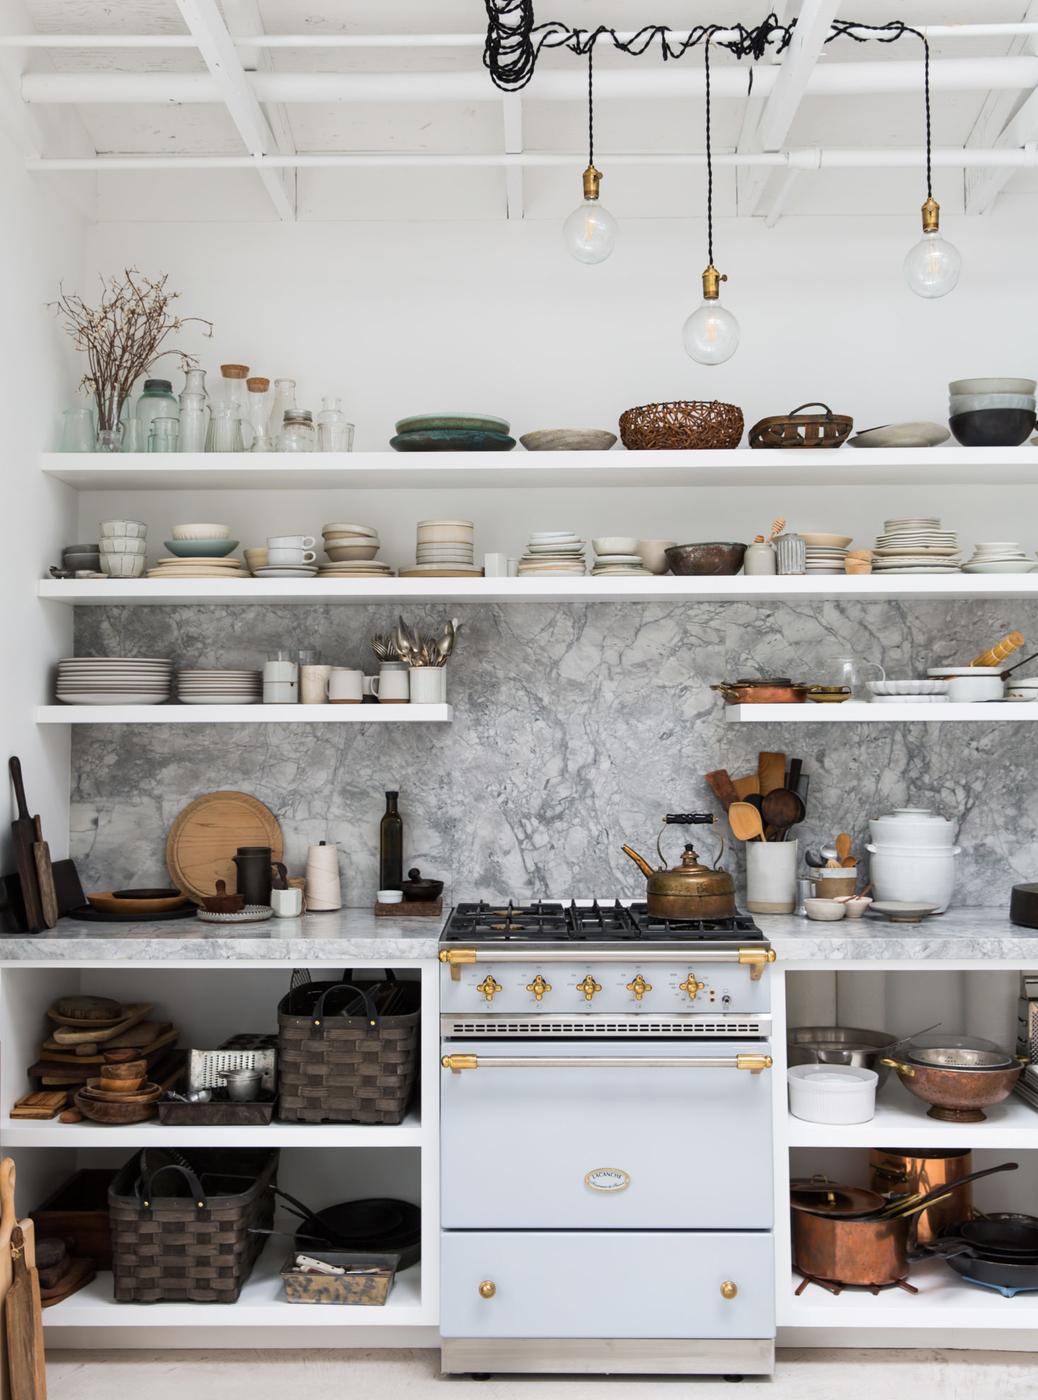 erin-scott-photo-studio-kitchen-stove-1466x1977.jpg